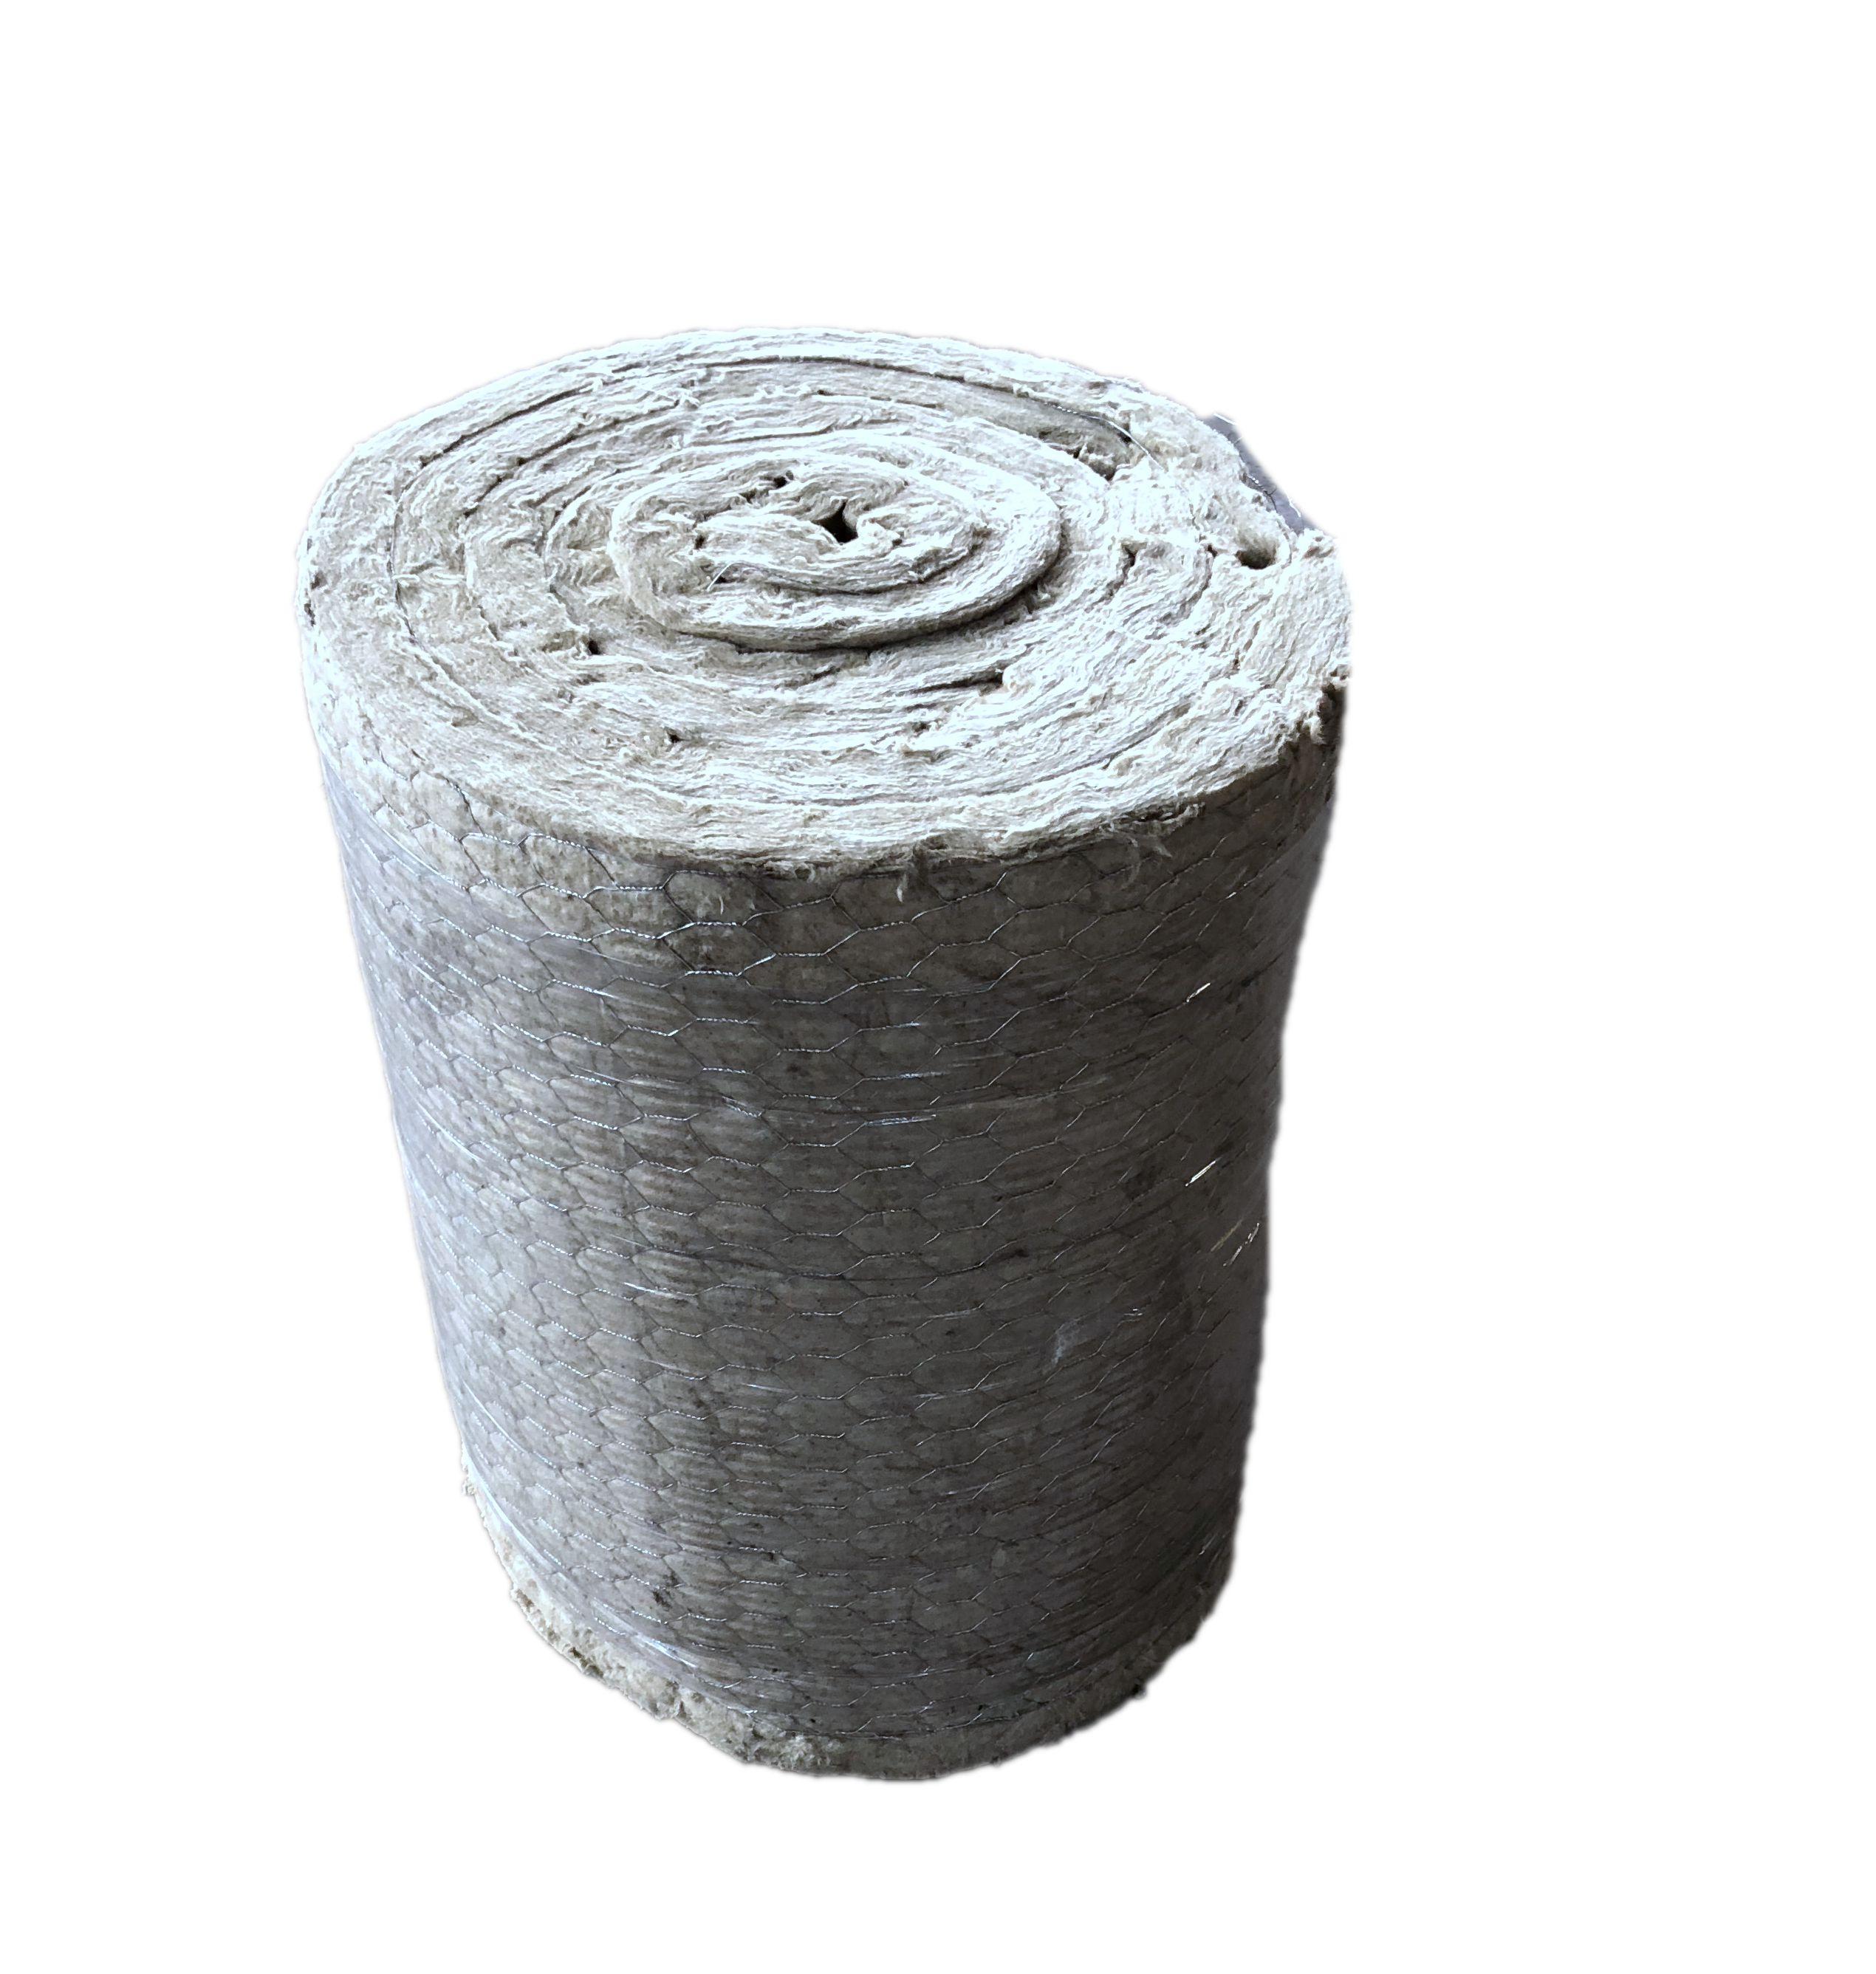 ความหนาแน่นสูง rockwool ฉนวนกันความร้อนอะคูสติกควบคุม rock ผ้าห่มขนสัตว์ฉนวนกันความร้อน